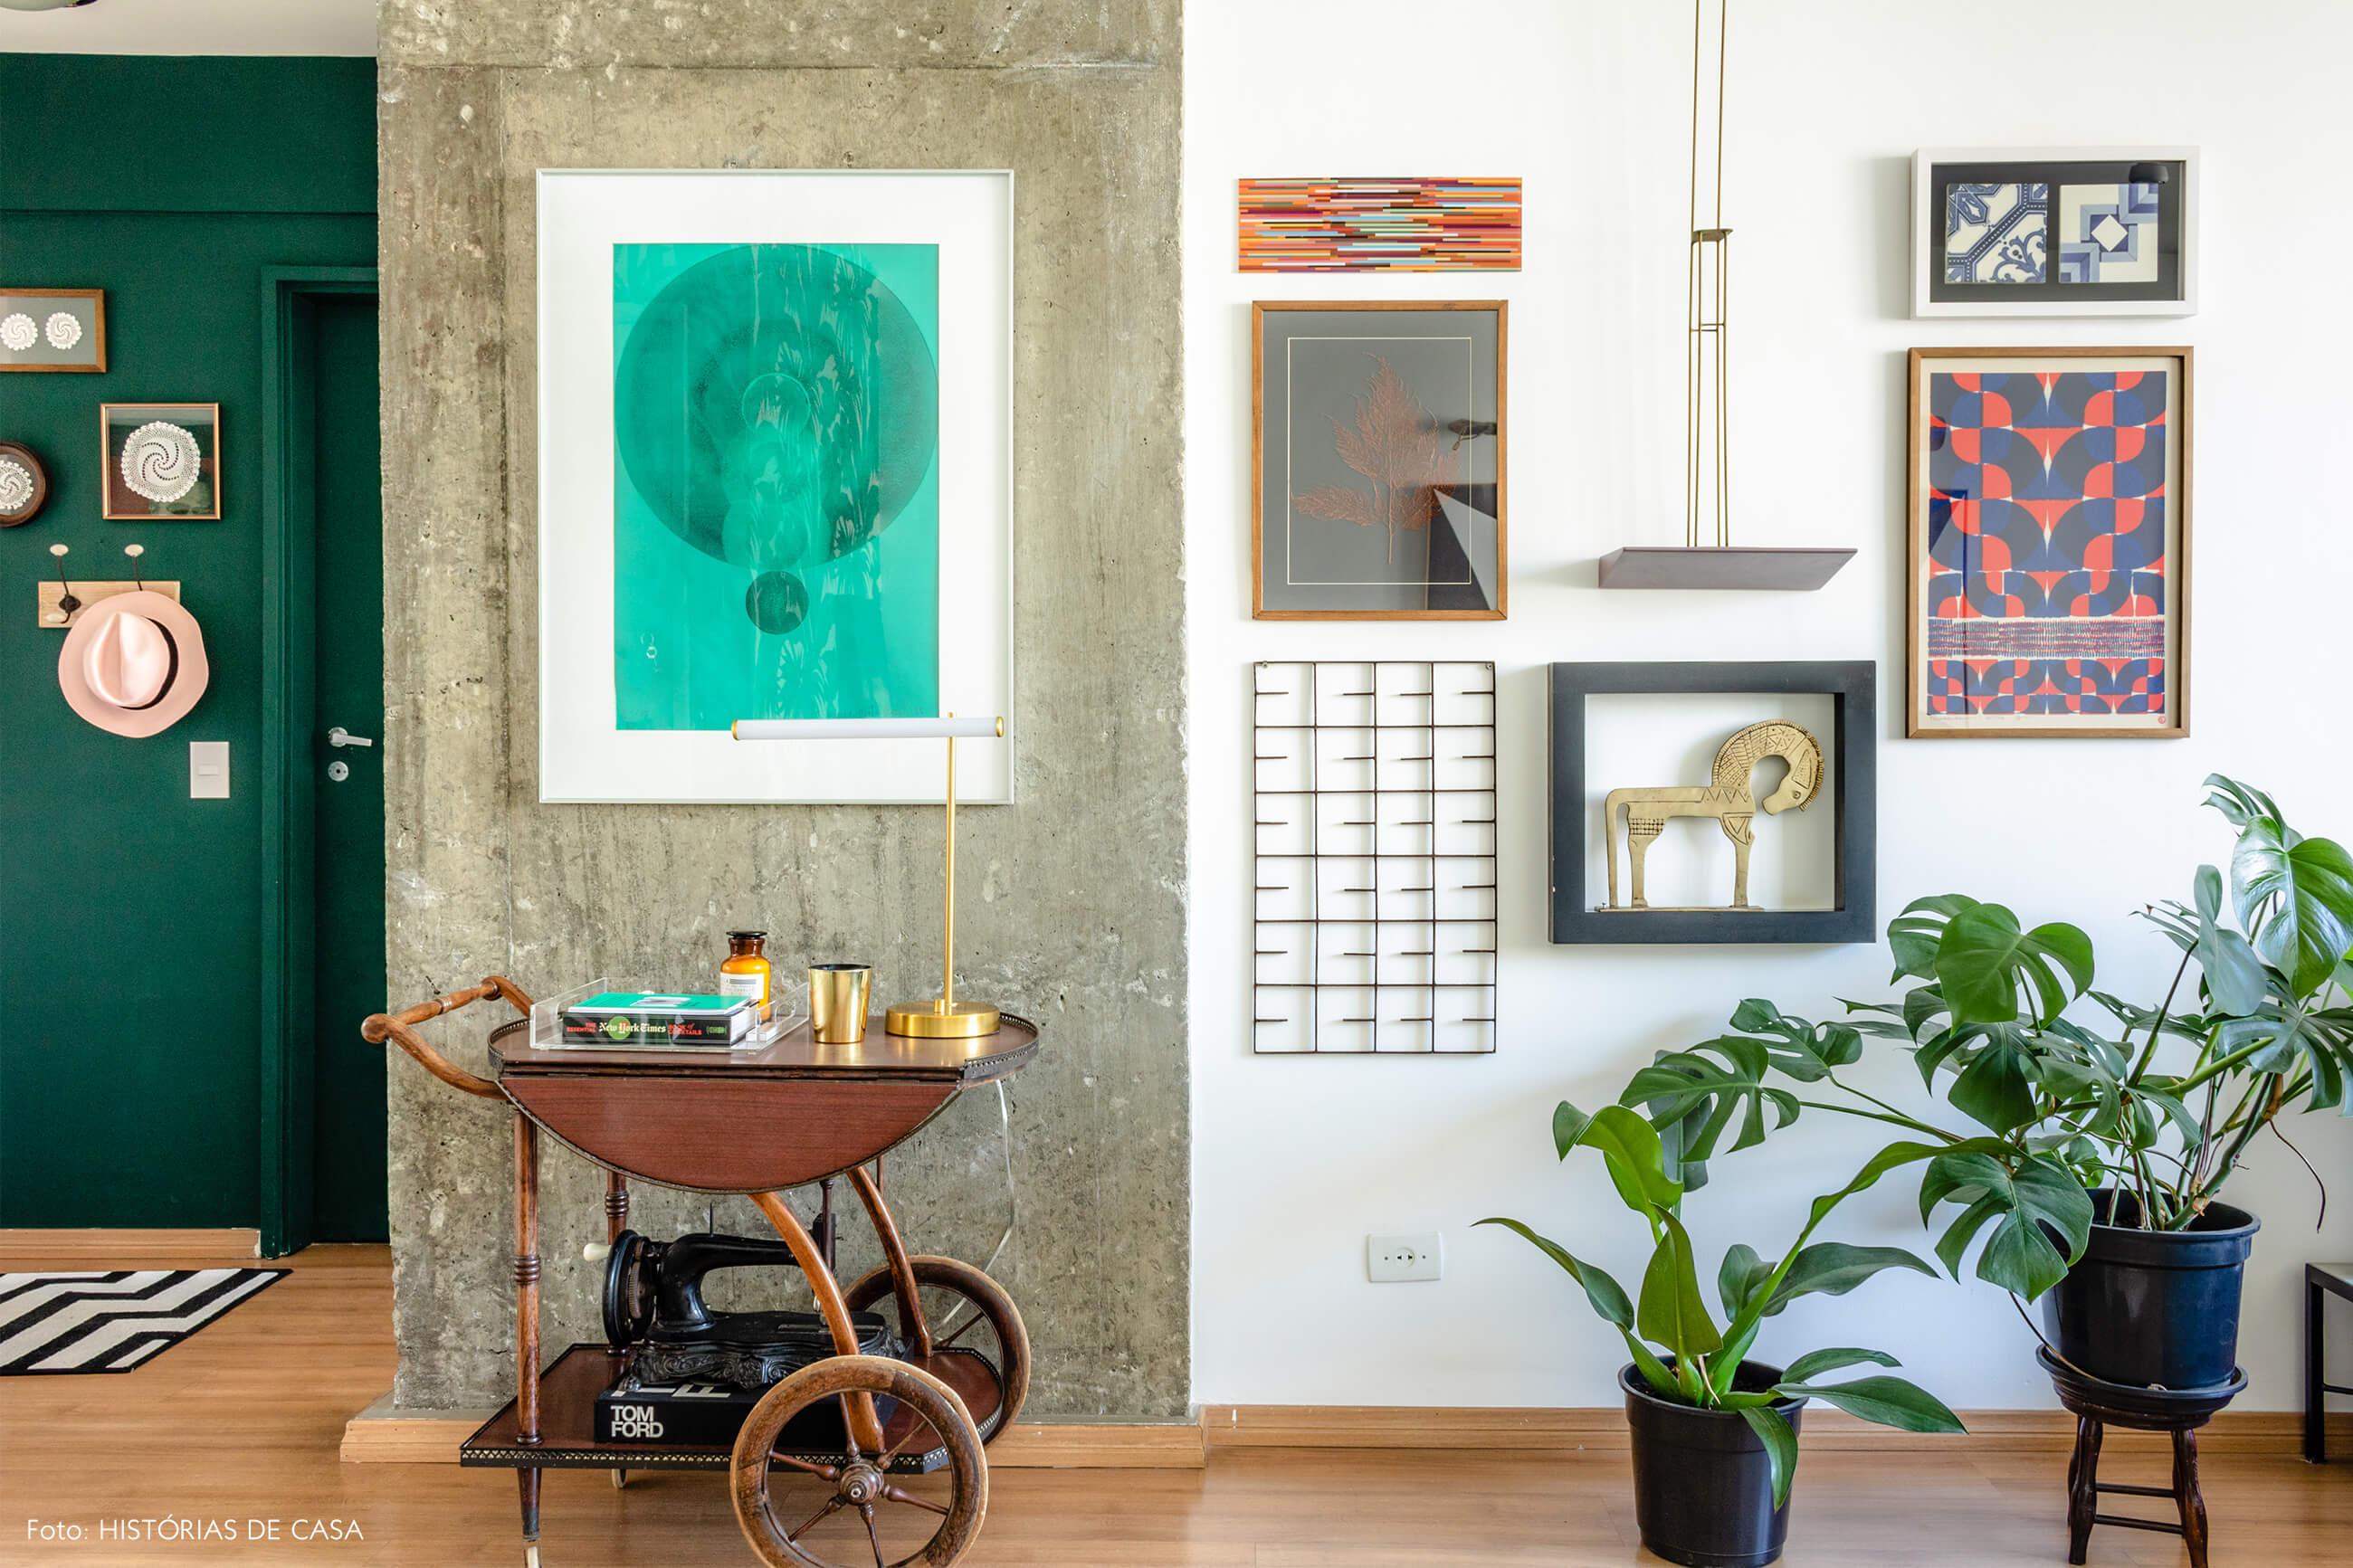 Sala com parede verde e quadros